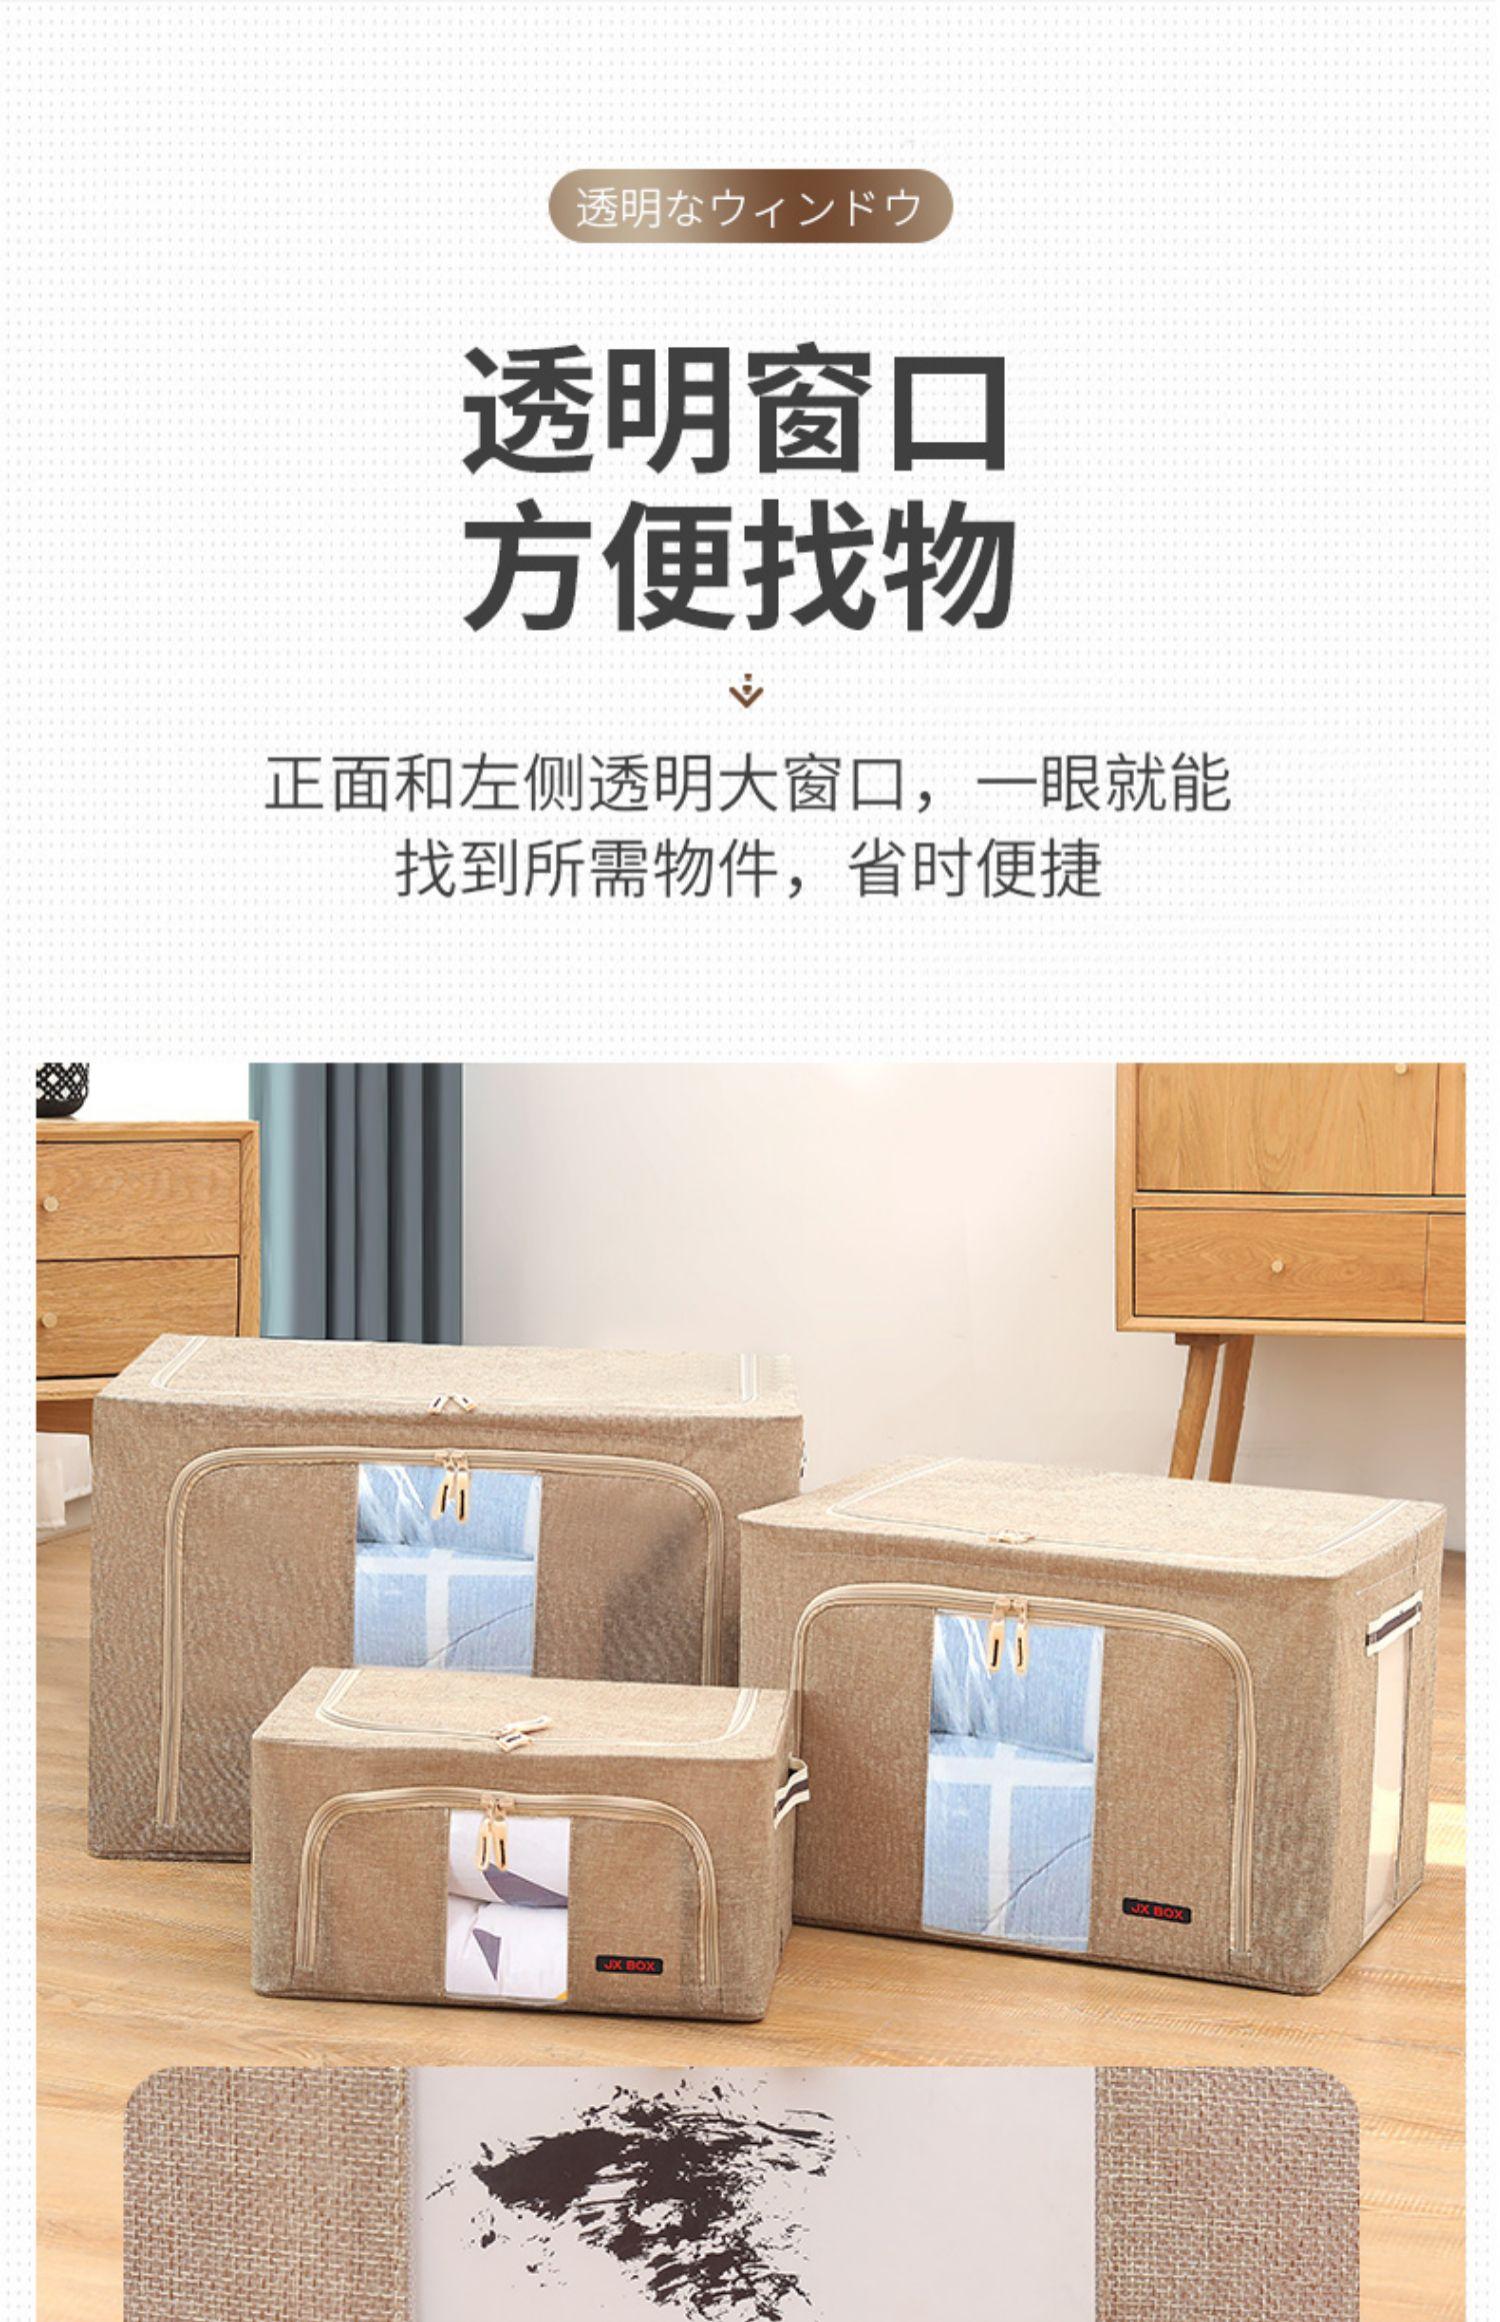 【俊轩】棉麻加粗钢架收纳箱22L